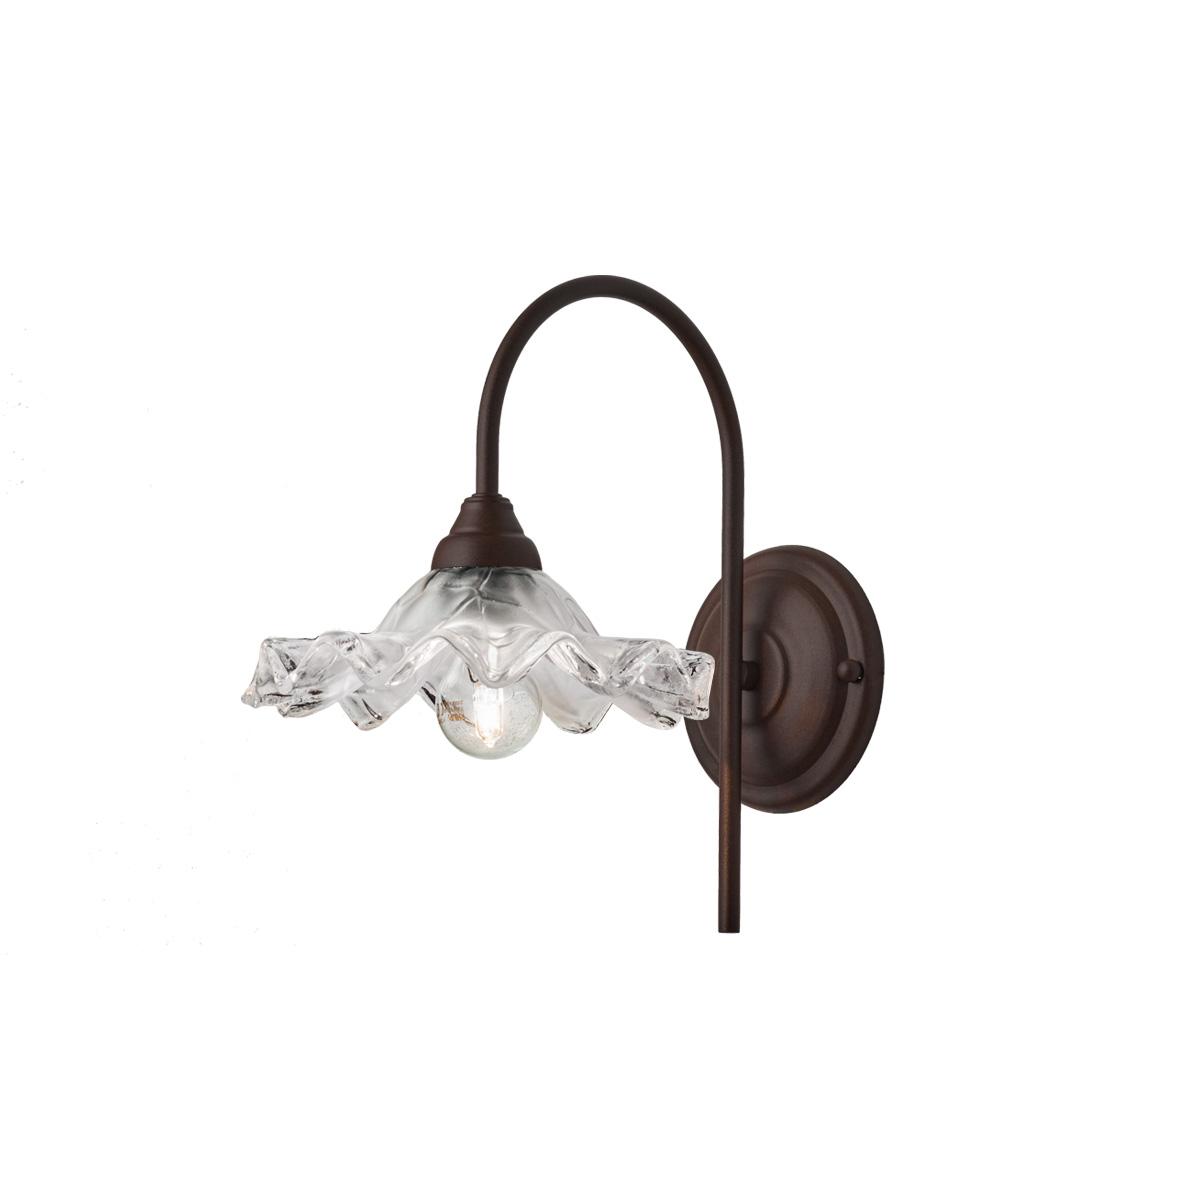 Απλίκα σκουριά με γυαλί ΣΥΡΟΣ rusty wall lamp with glass shade